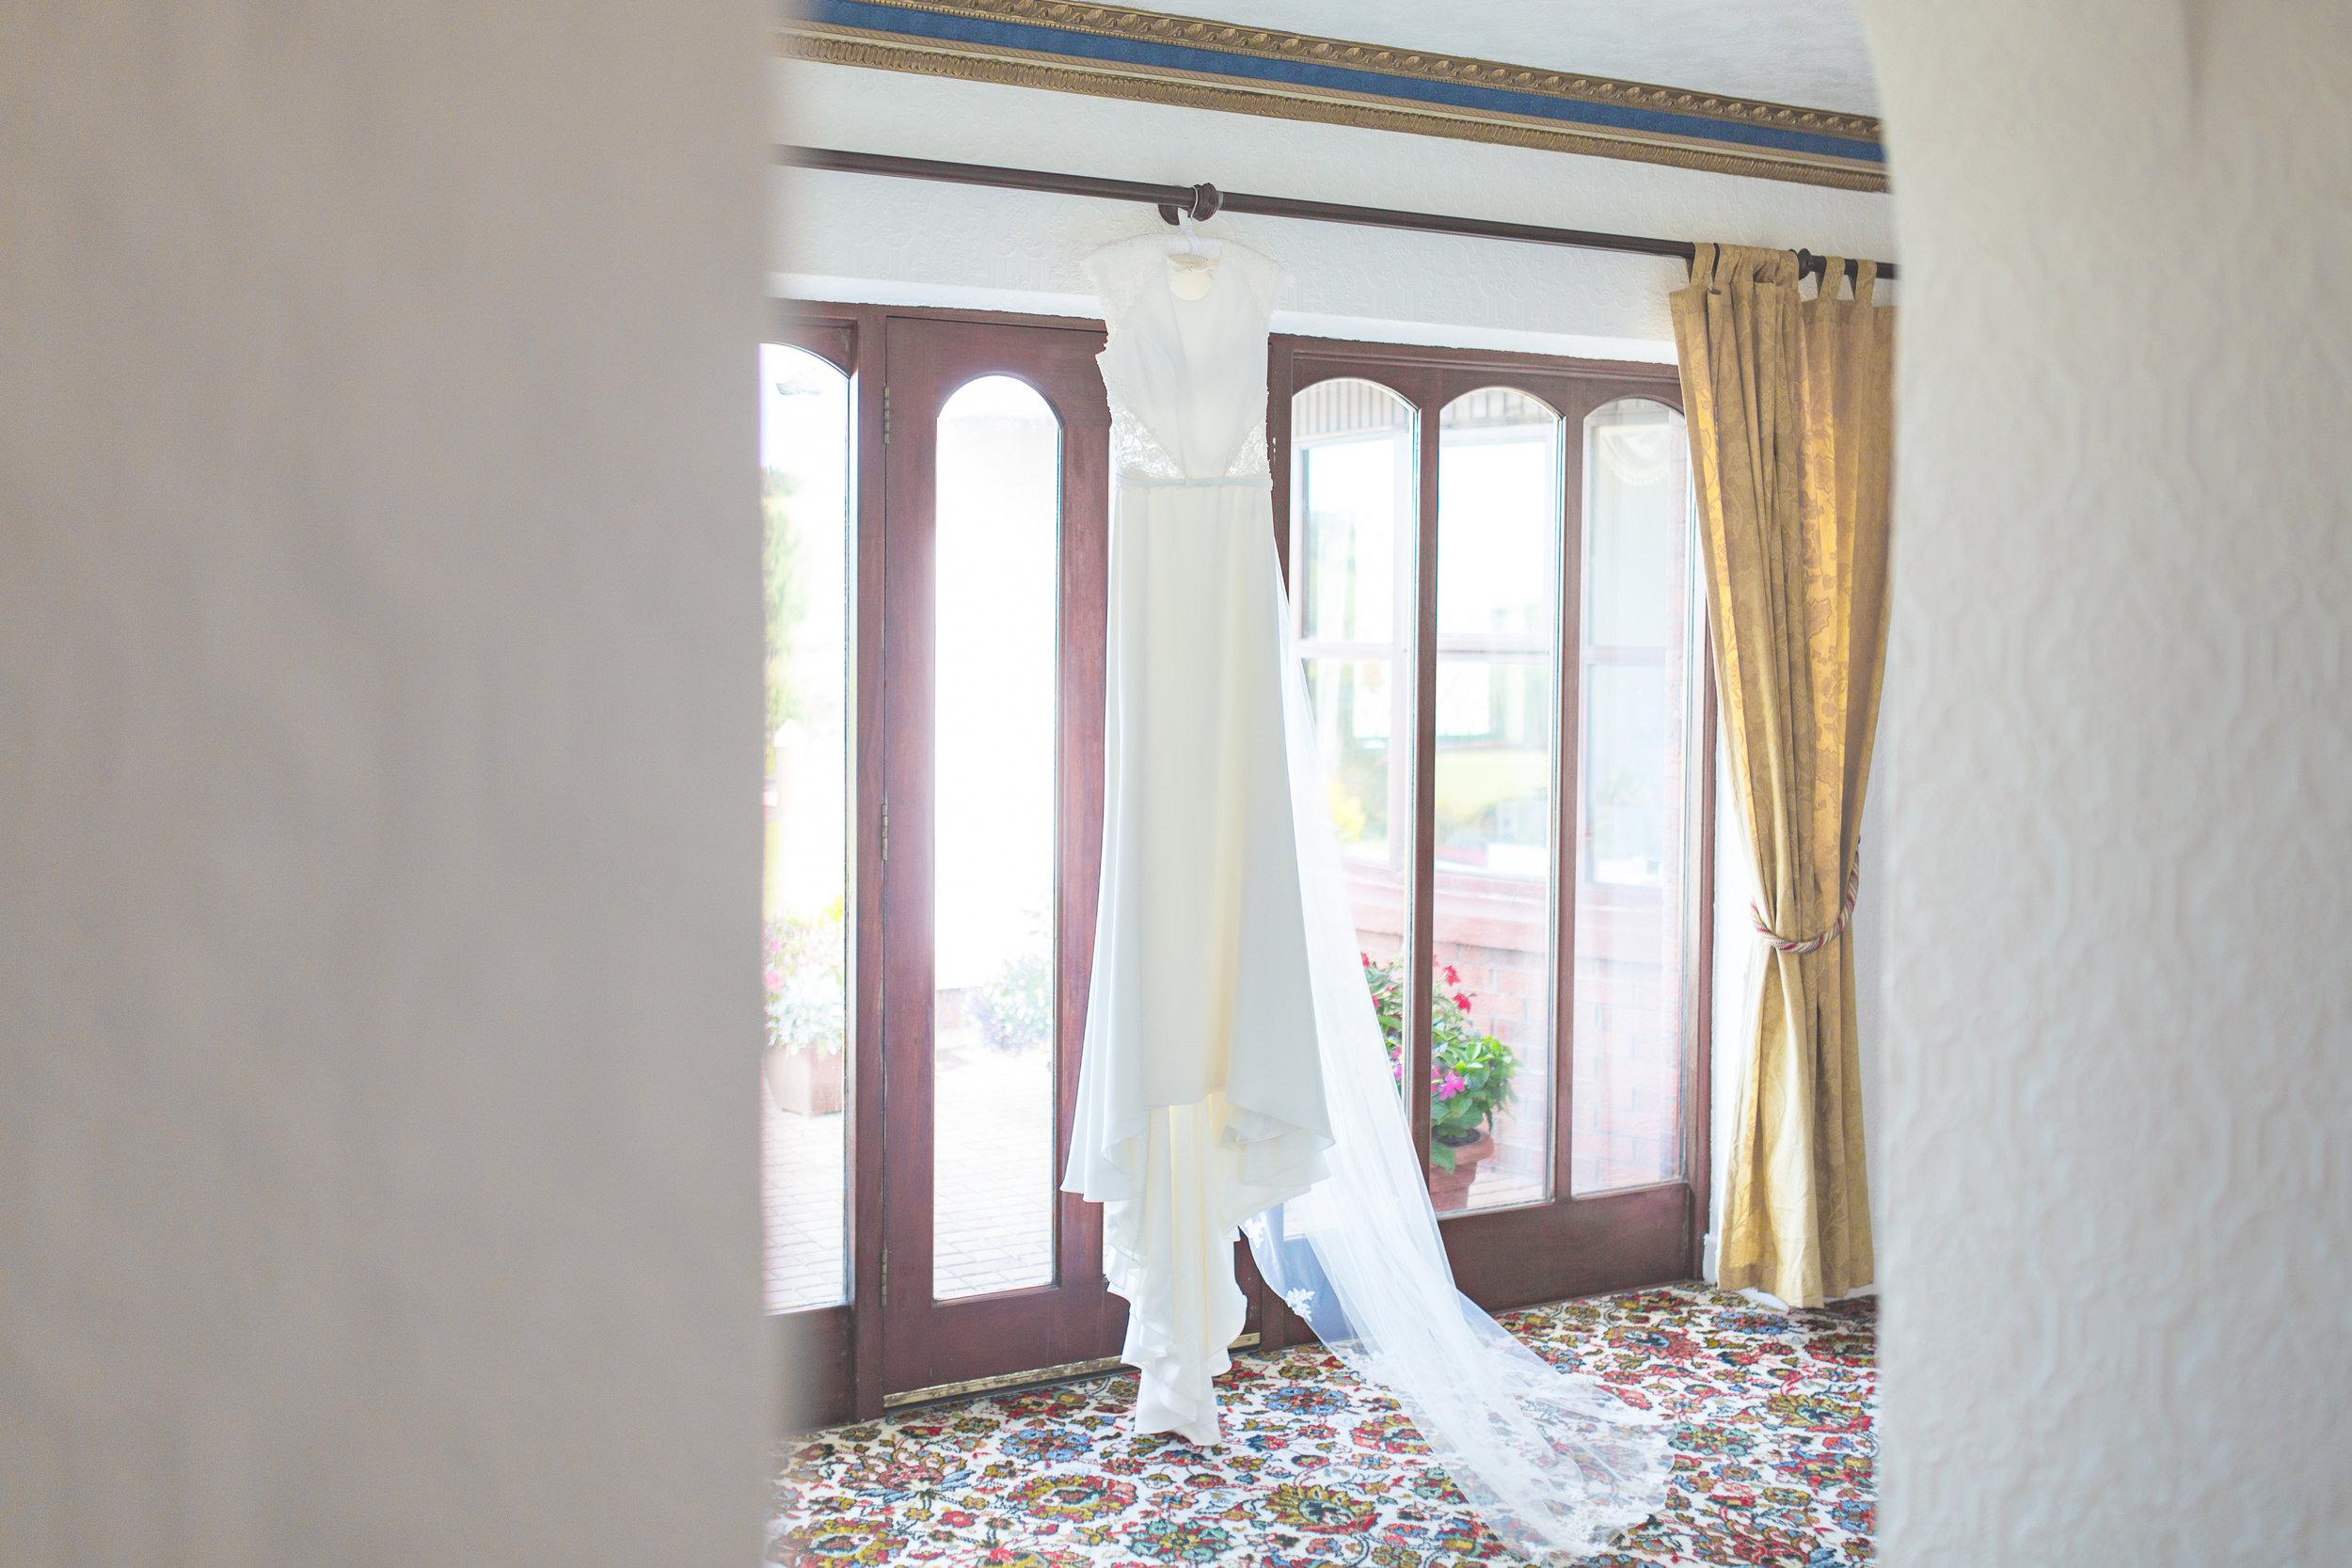 Brian McEwan Wedding Photography | Carol-Anne & Sean | Bridal Preparations-15.jpg